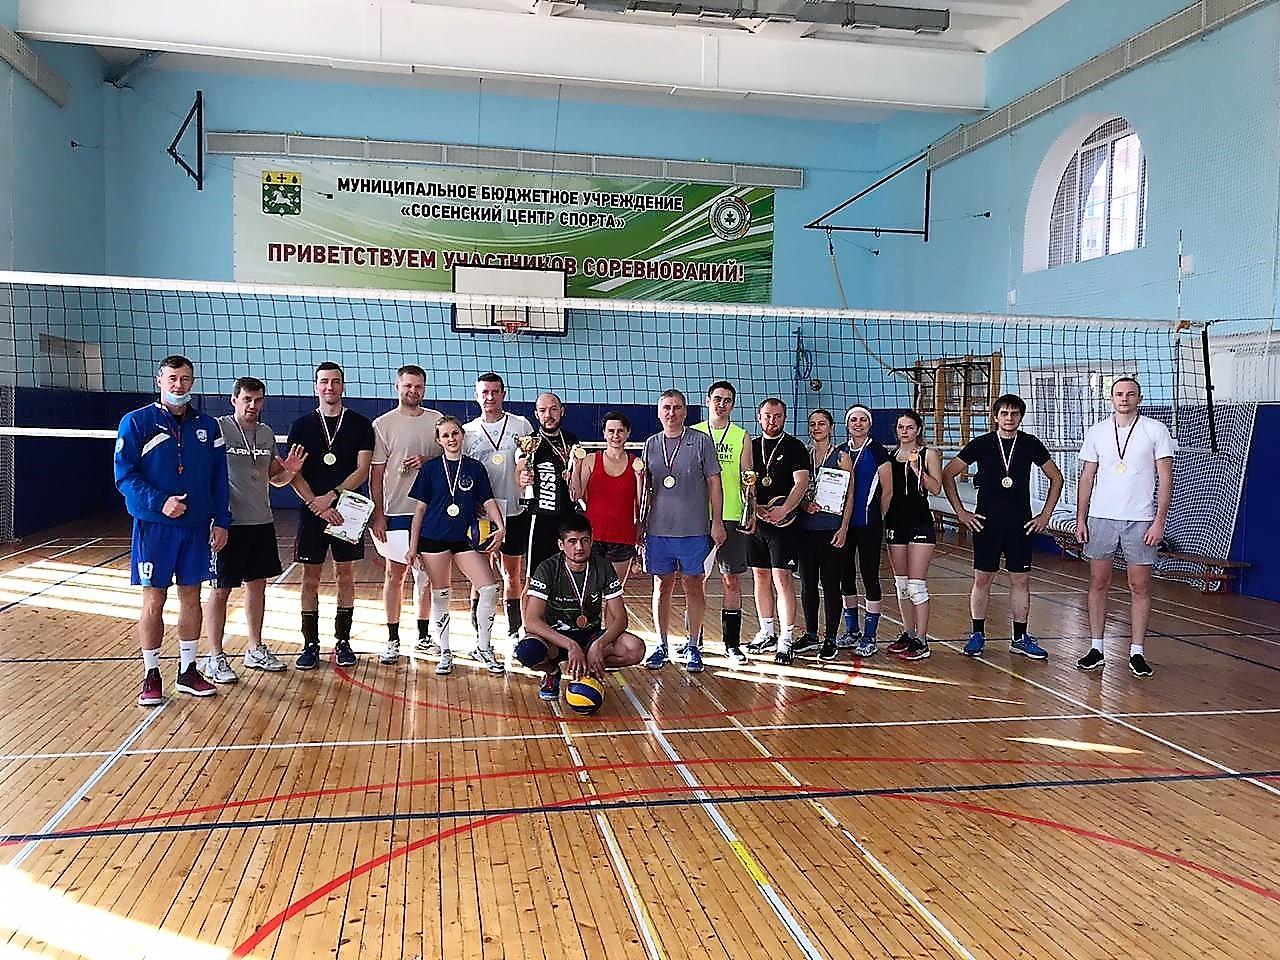 Отборочный этап спартакиады «Спорт для всех» провели в поселении Сосенское